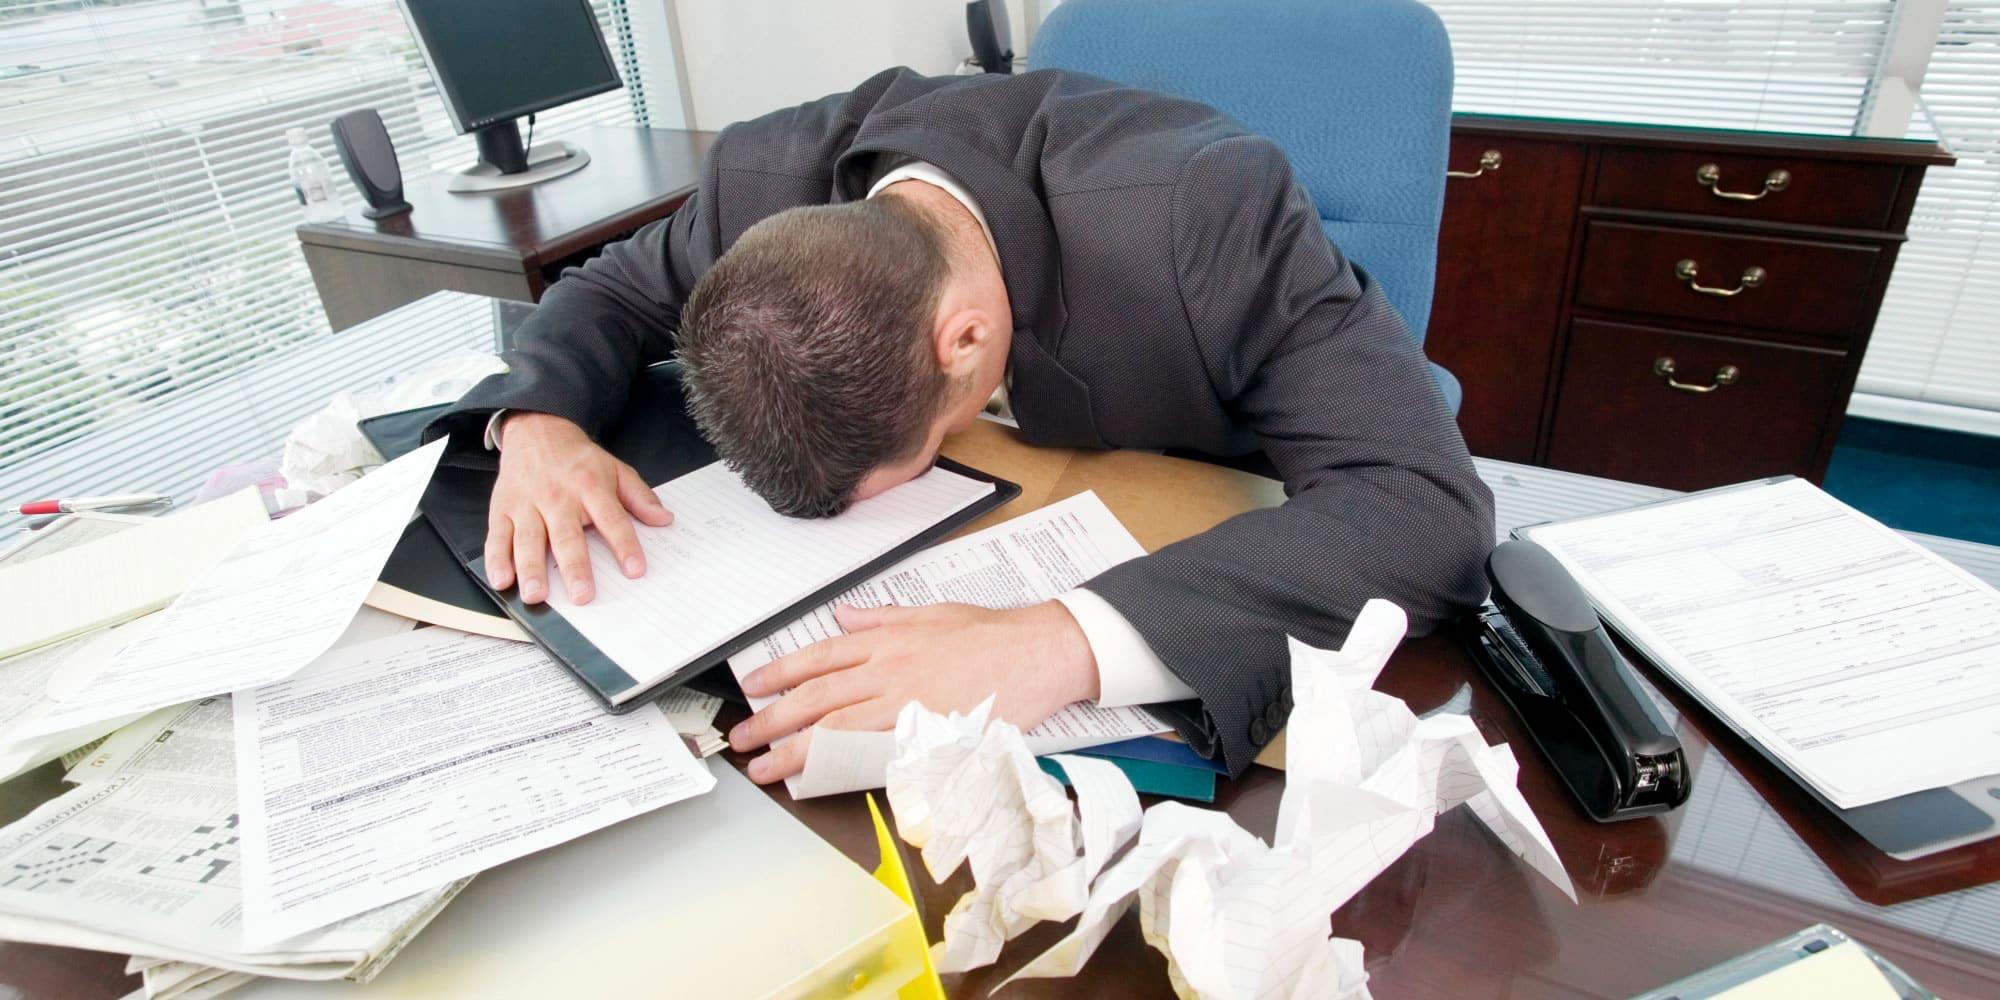 El estrés laboral lo podrías combatir con una pequeña sesión de juegos.